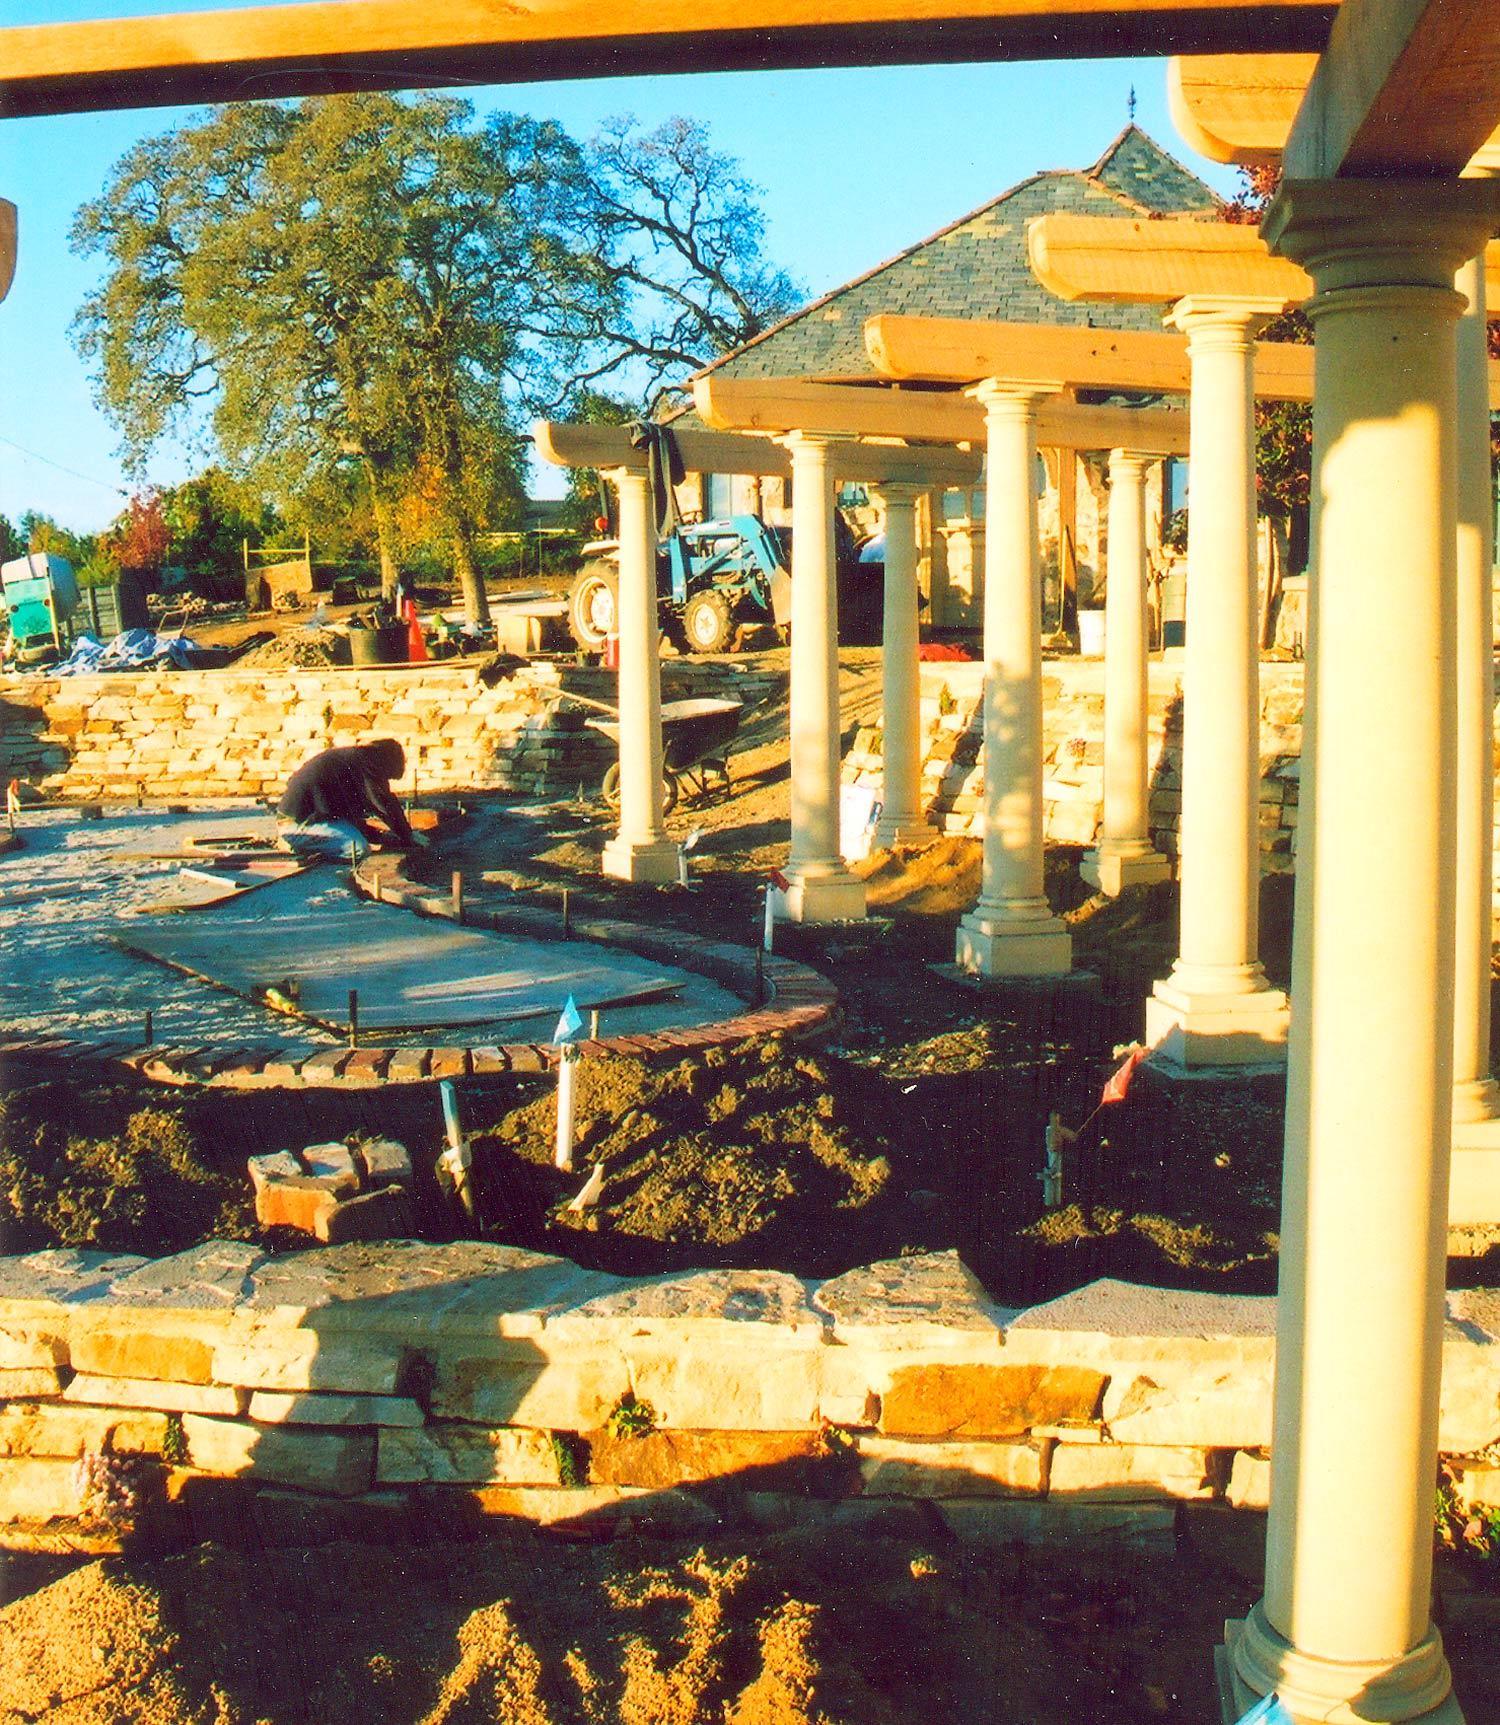 Landscape construction underway